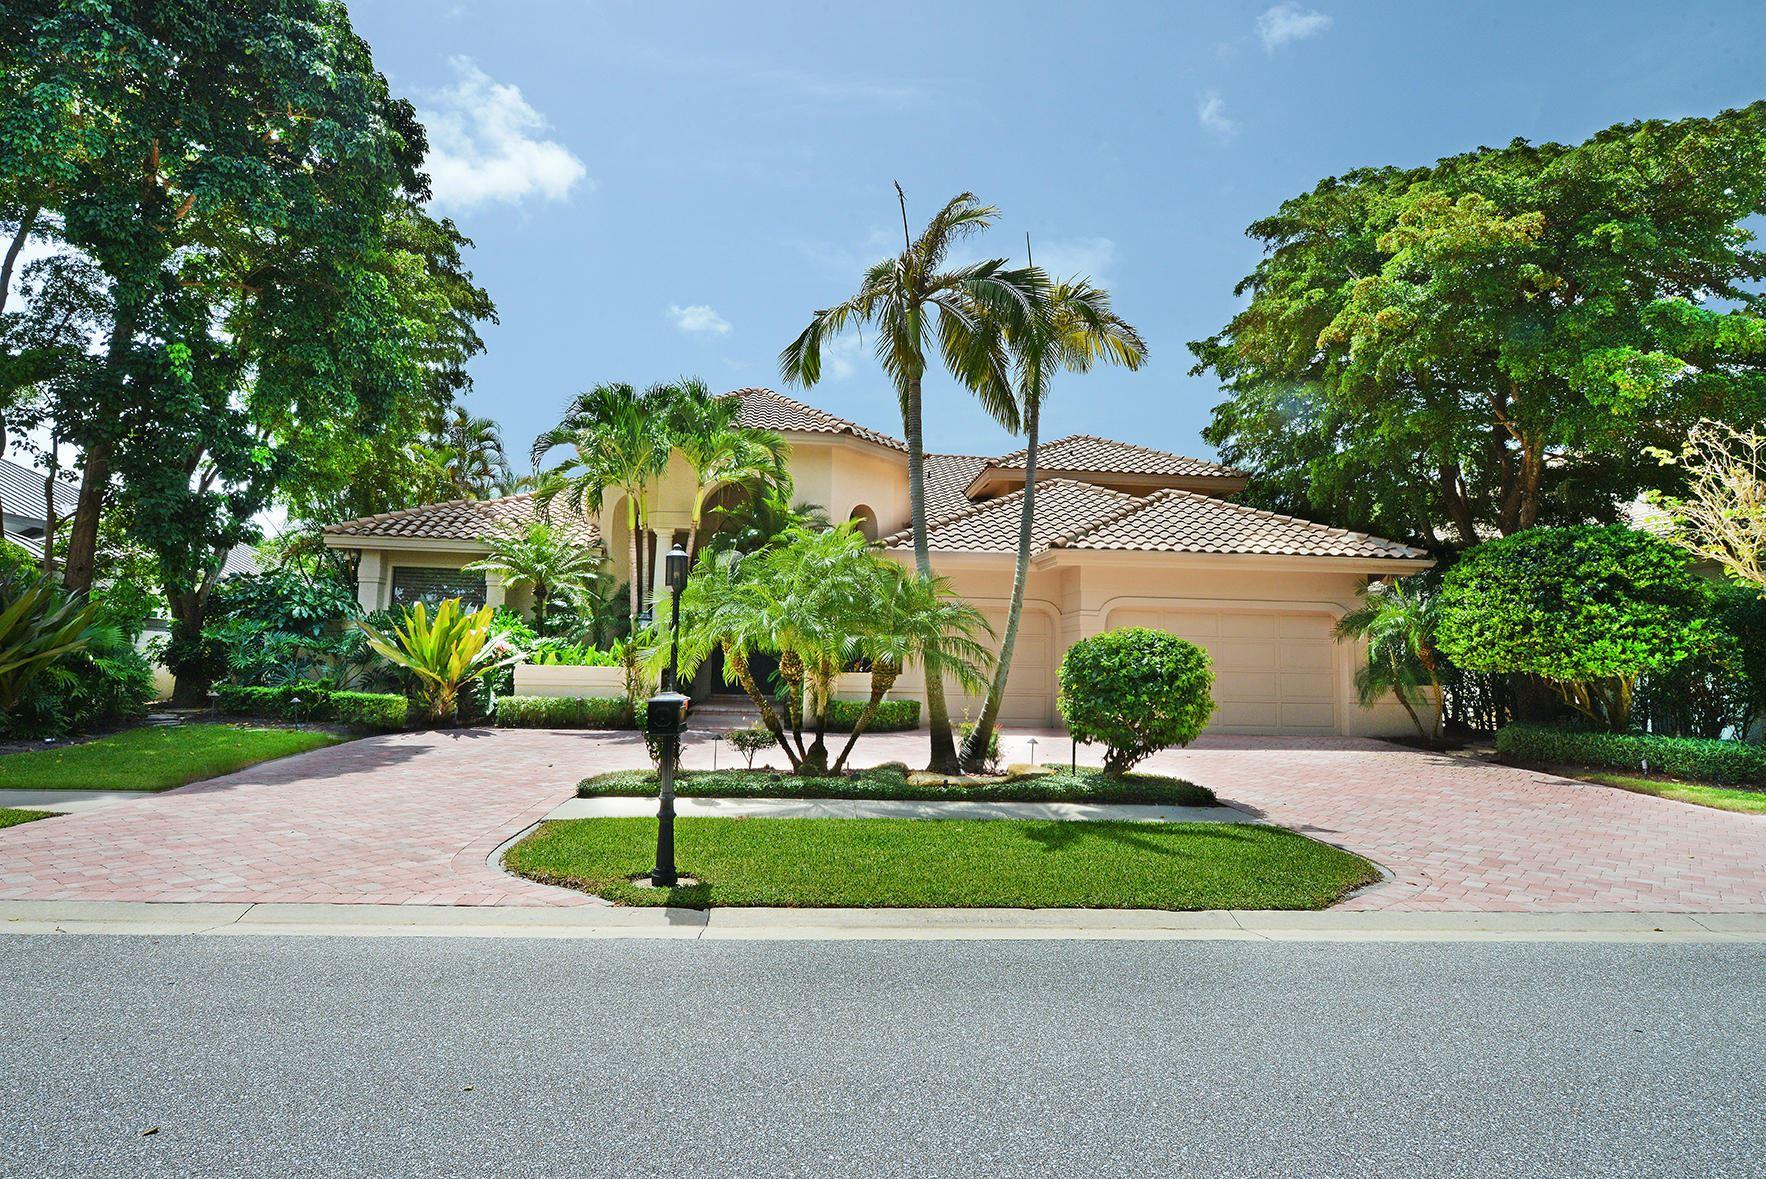 Photo of 7460 Valencia Drive, Boca Raton, FL 33433 (MLS # RX-10653174)